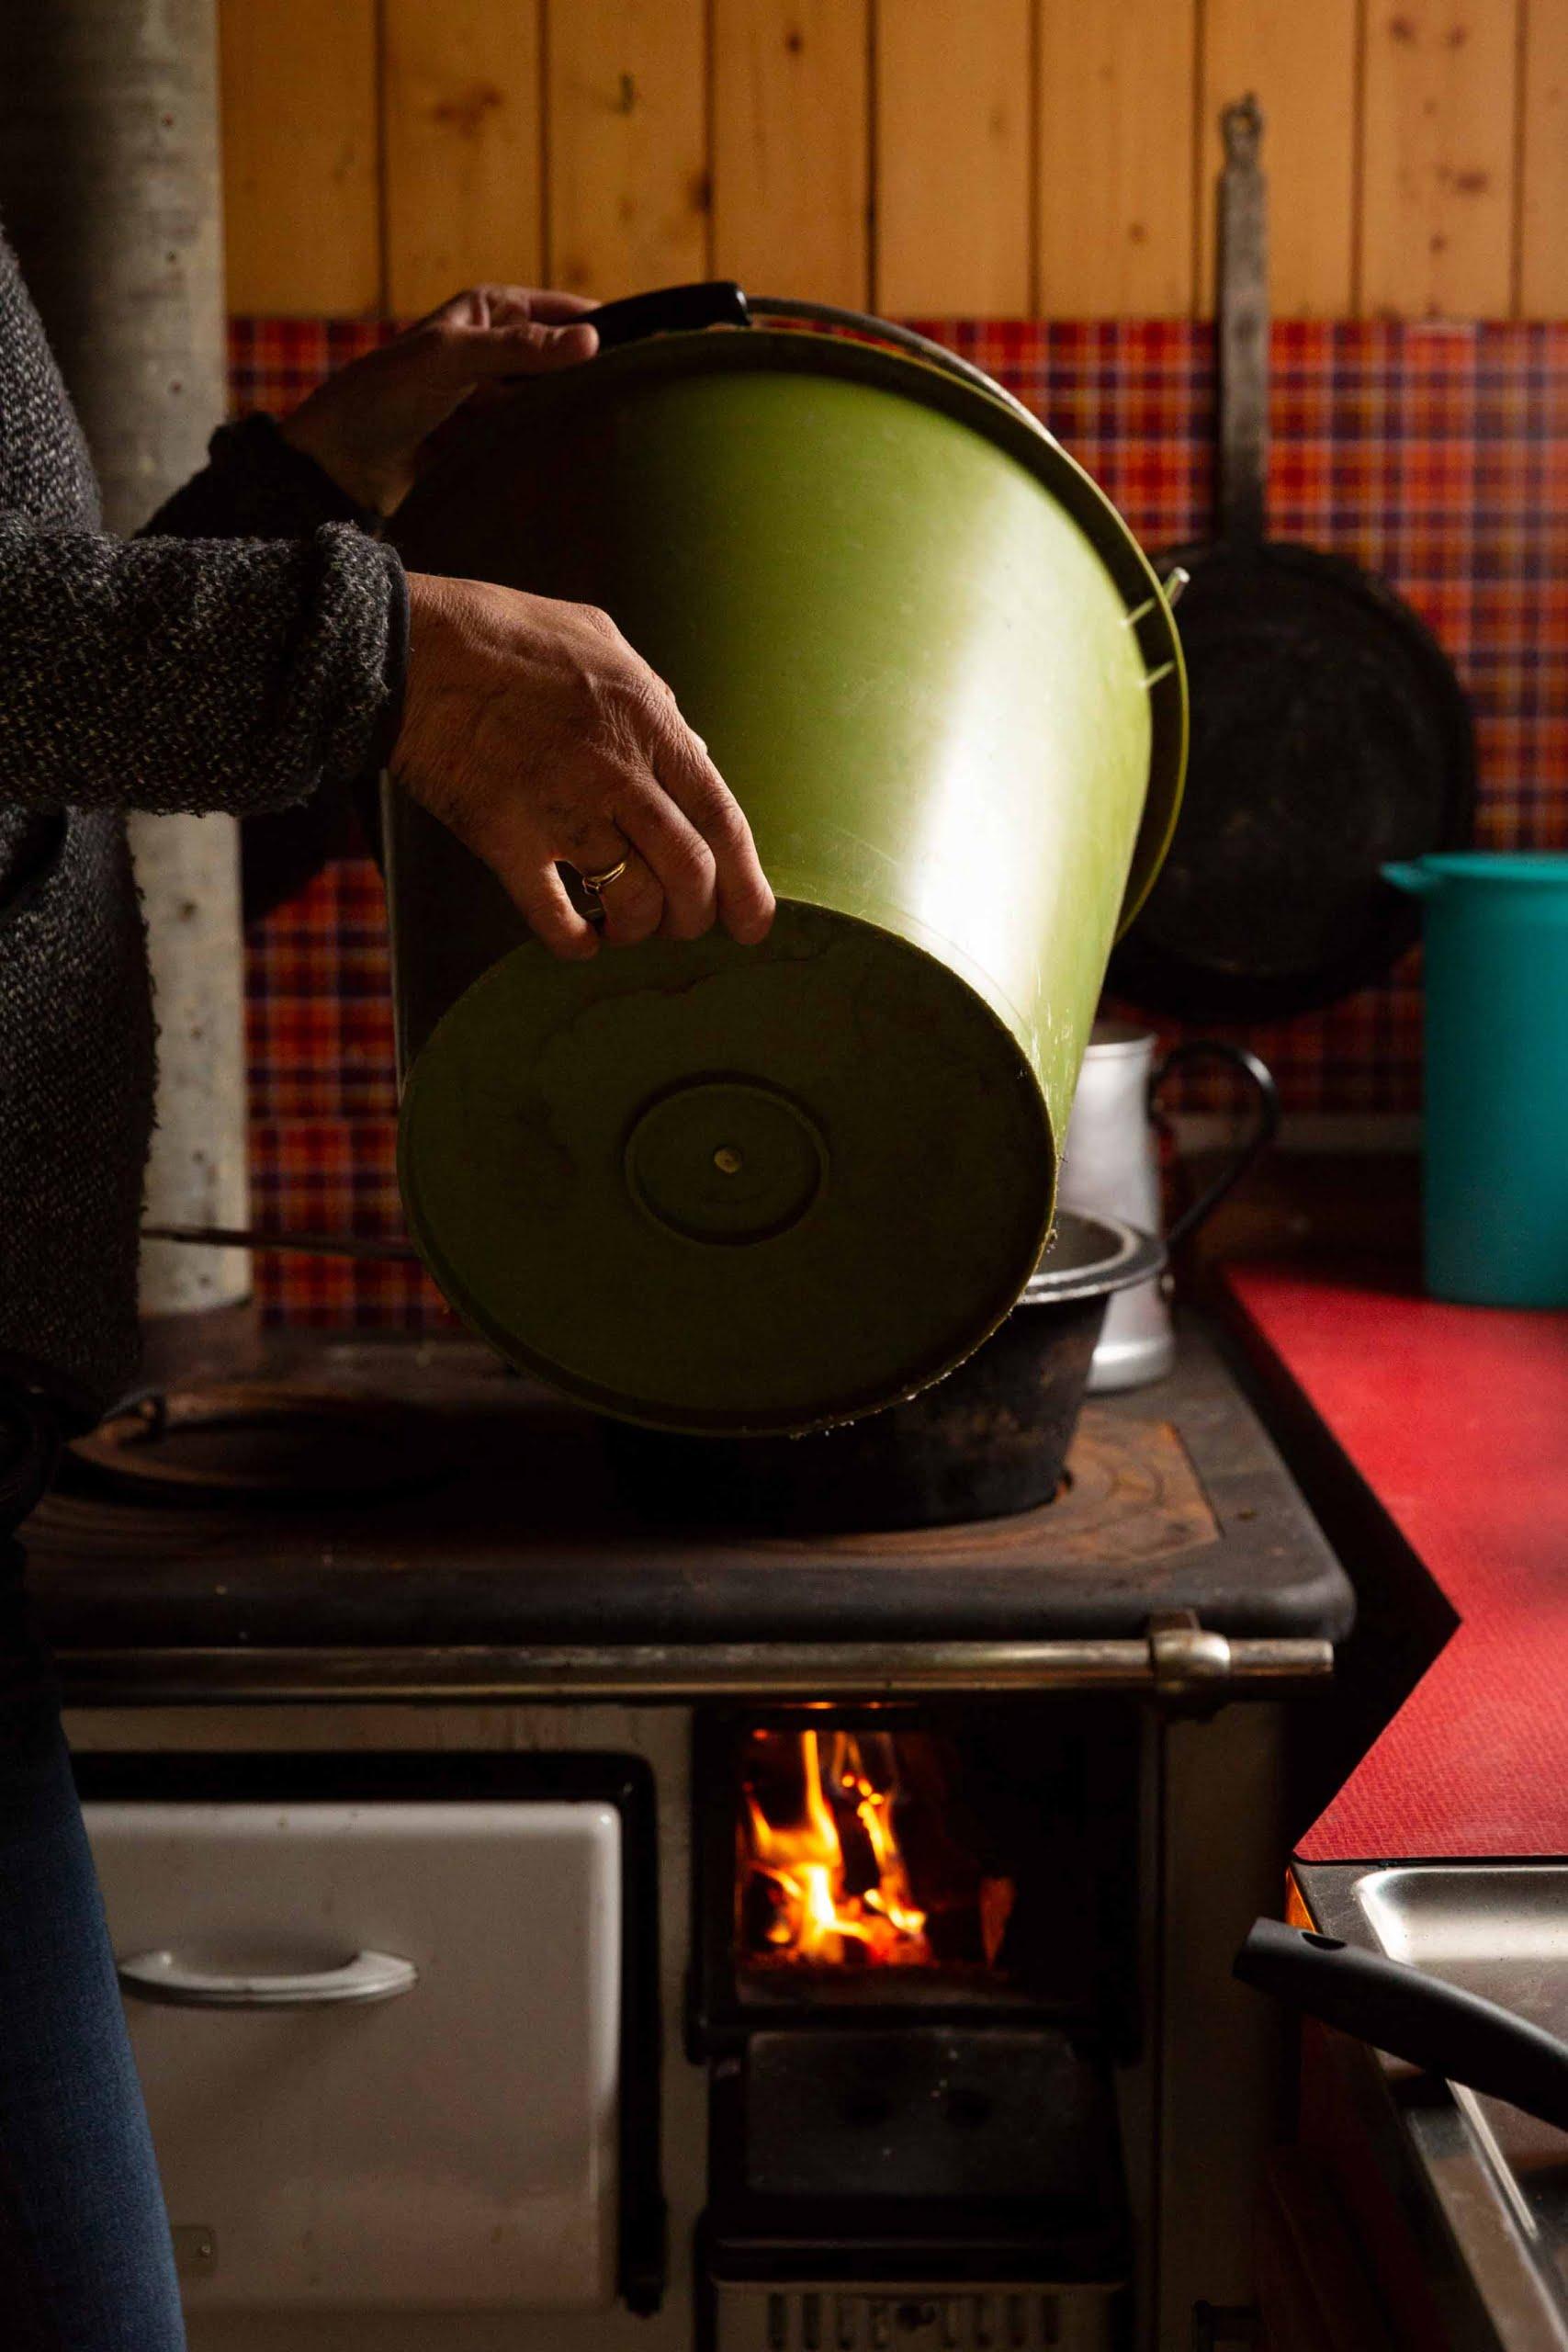 Stilleben-Alphuette-Frau-mit-gruenem-Kessel-Feuer-brennt